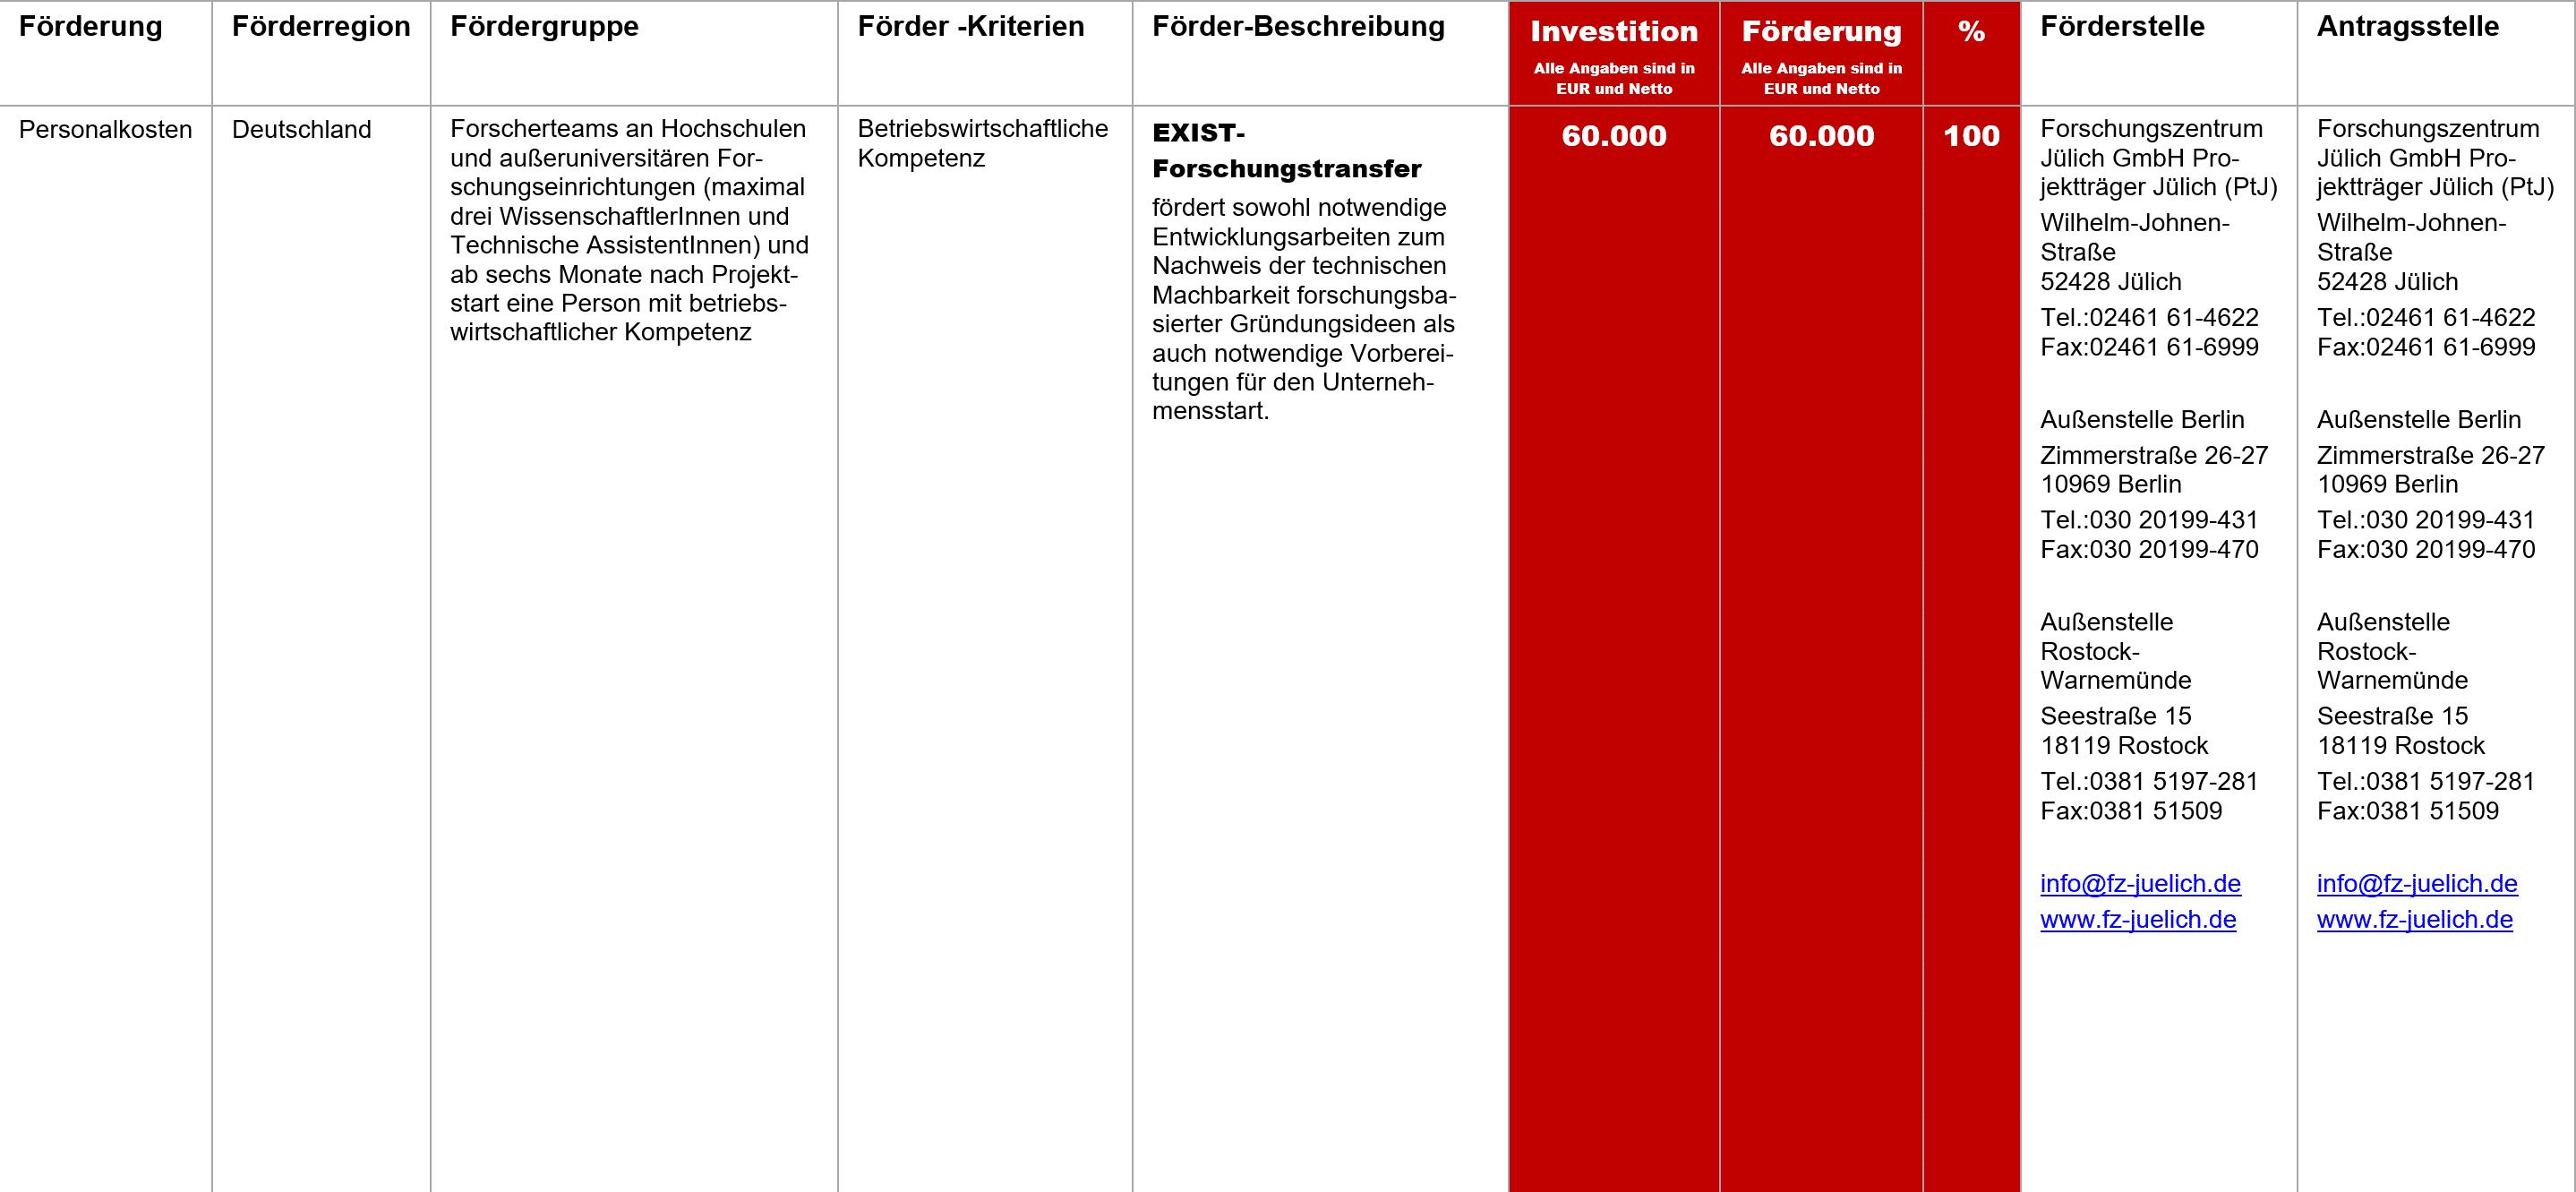 EXIST Forschungstransfer, Fördermittel – EXIST- Forschungstransfer